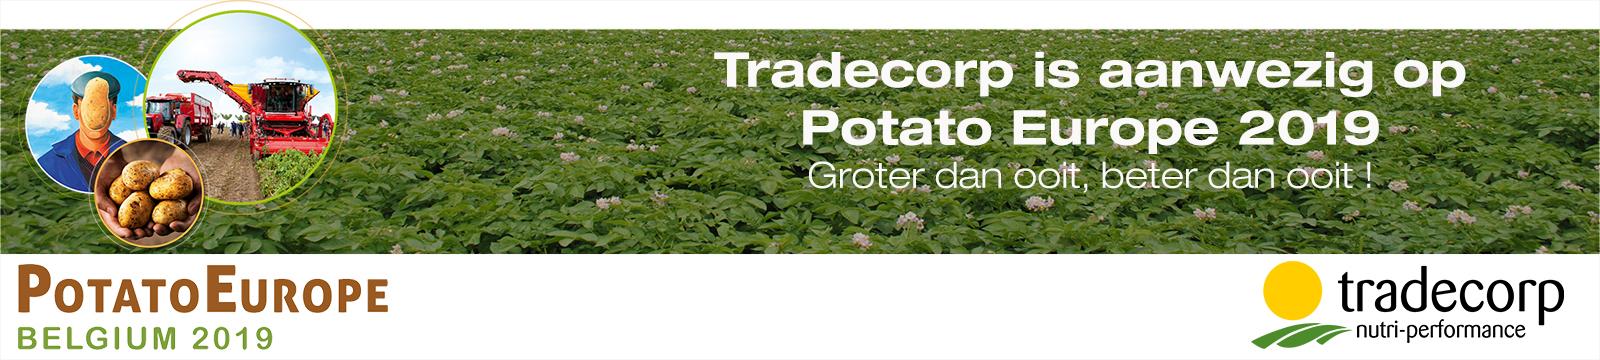 Bezoek onze stand op Potato Europe 2019!